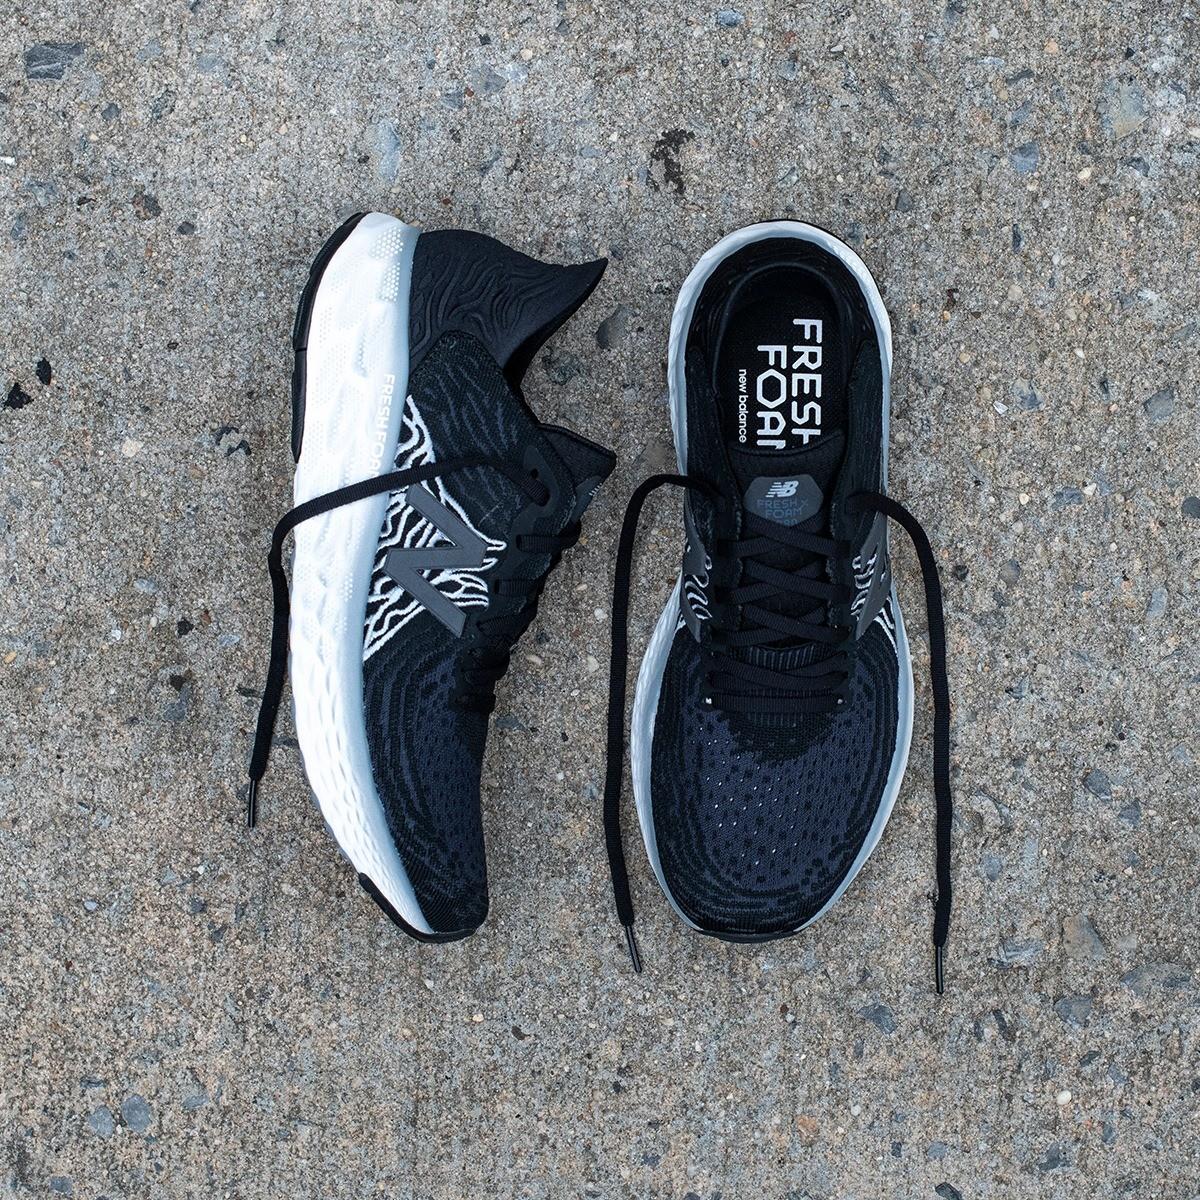 new balance scarpe running modello Fresh Foam 1080v10 nere viste dall'alto